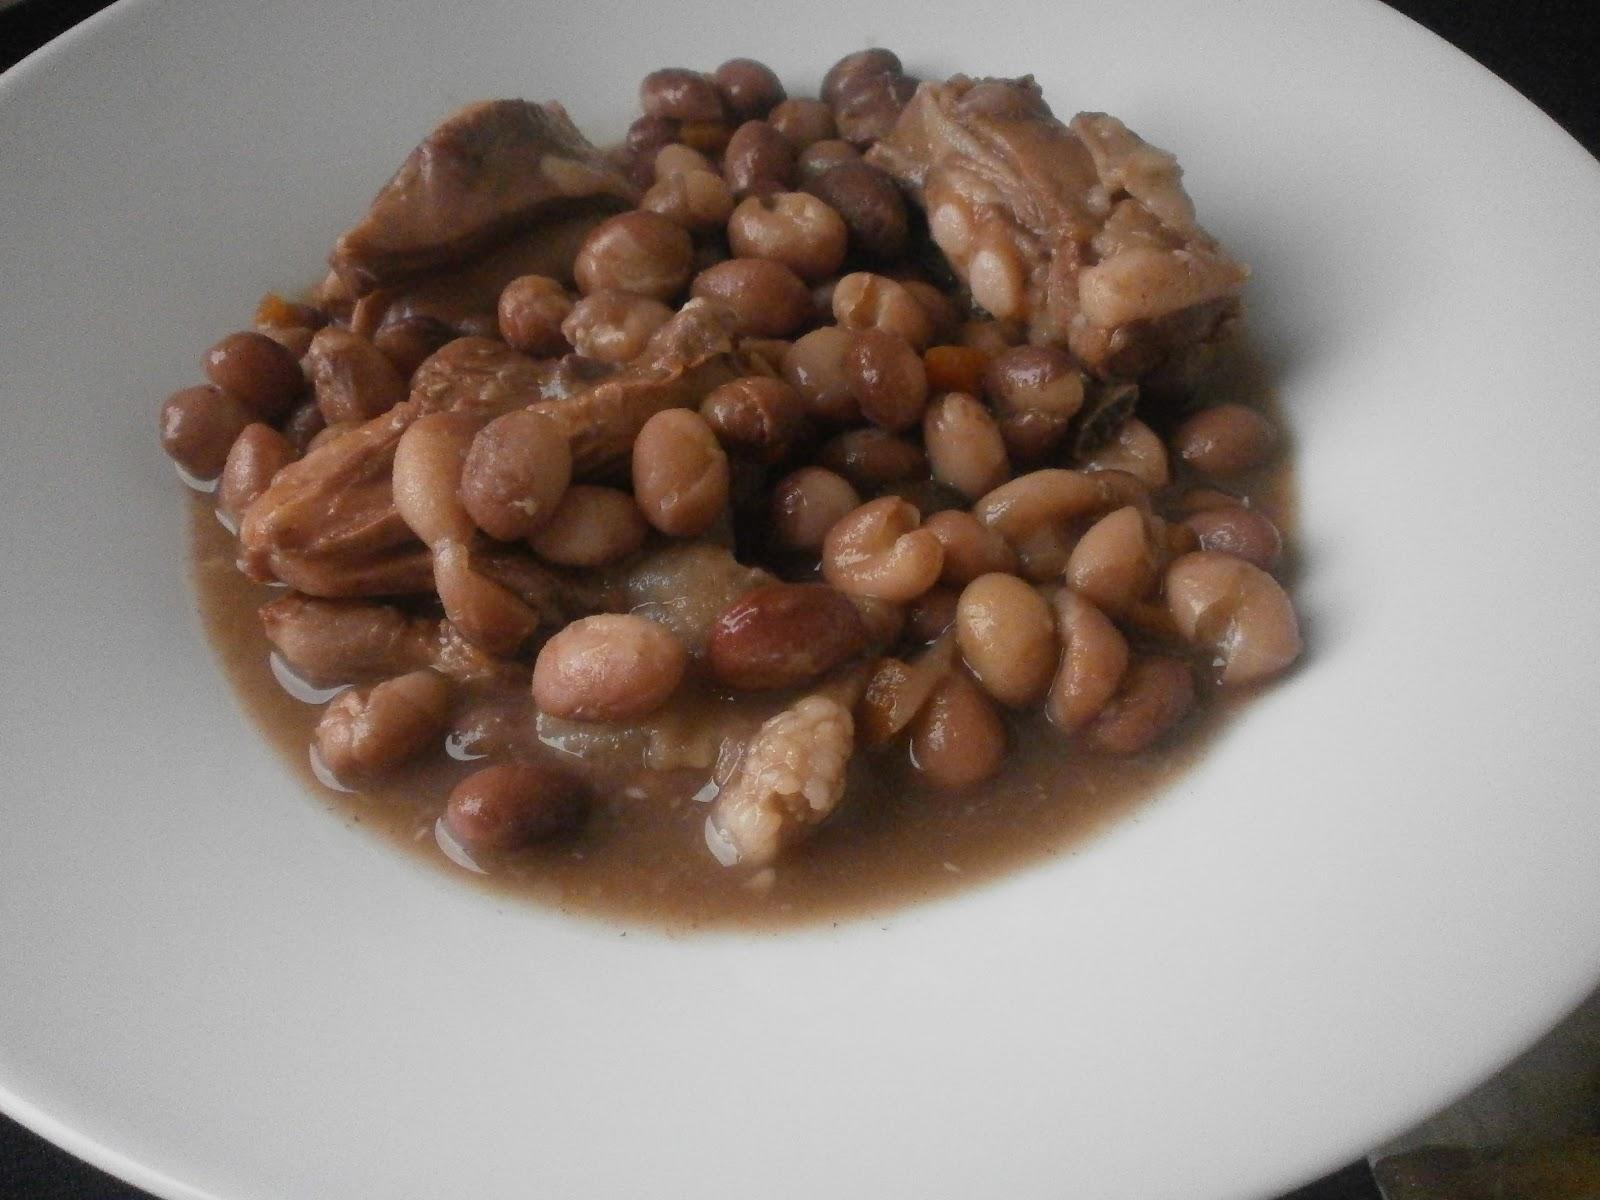 23 hermoso cocinar alubias pintas im genes tximitxurri - Judias pintas con arroz olla express ...